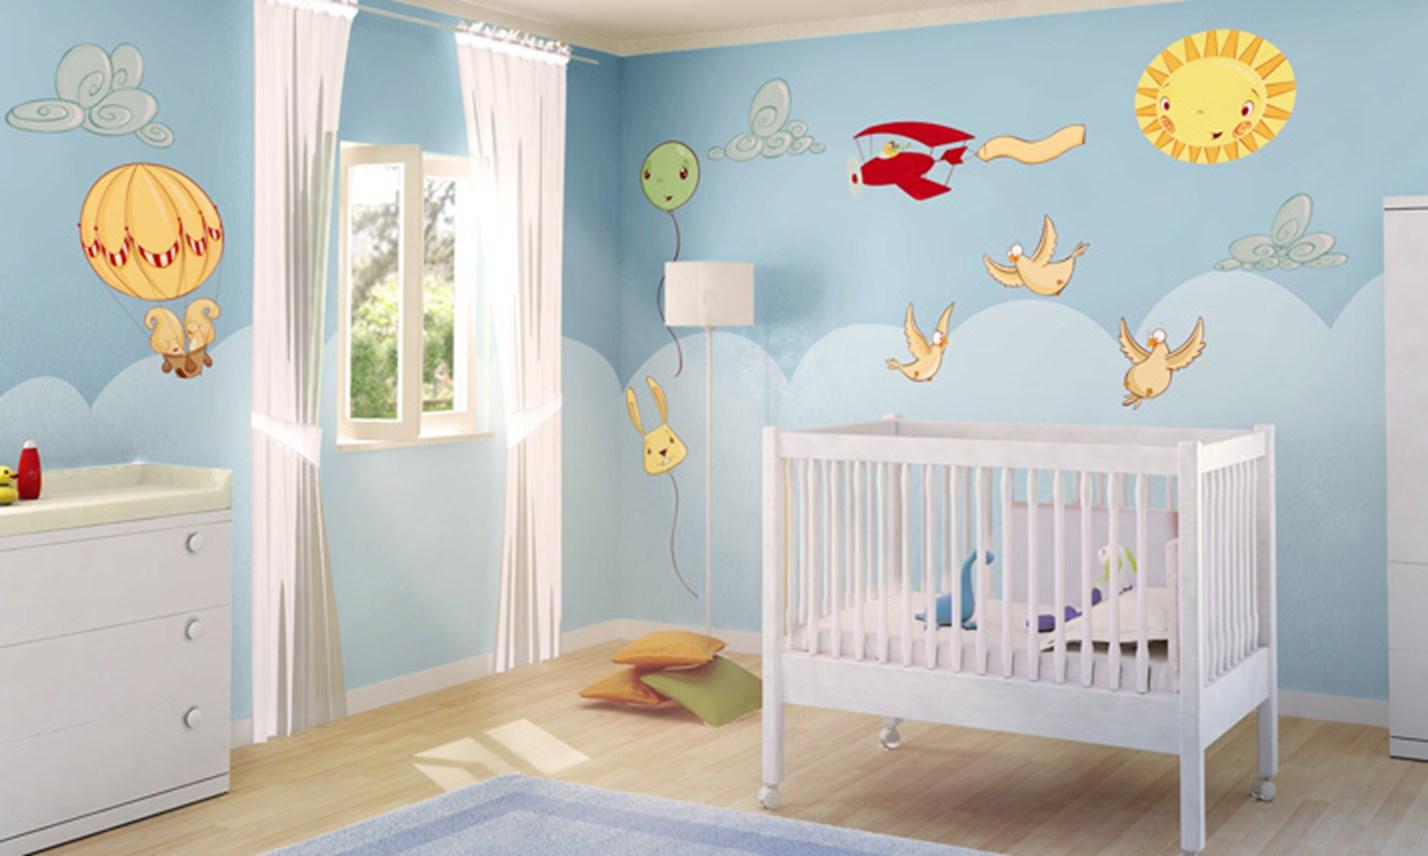 Decorare la cameretta del neonato awesome decorare la - Decorare la cameretta del neonato ...